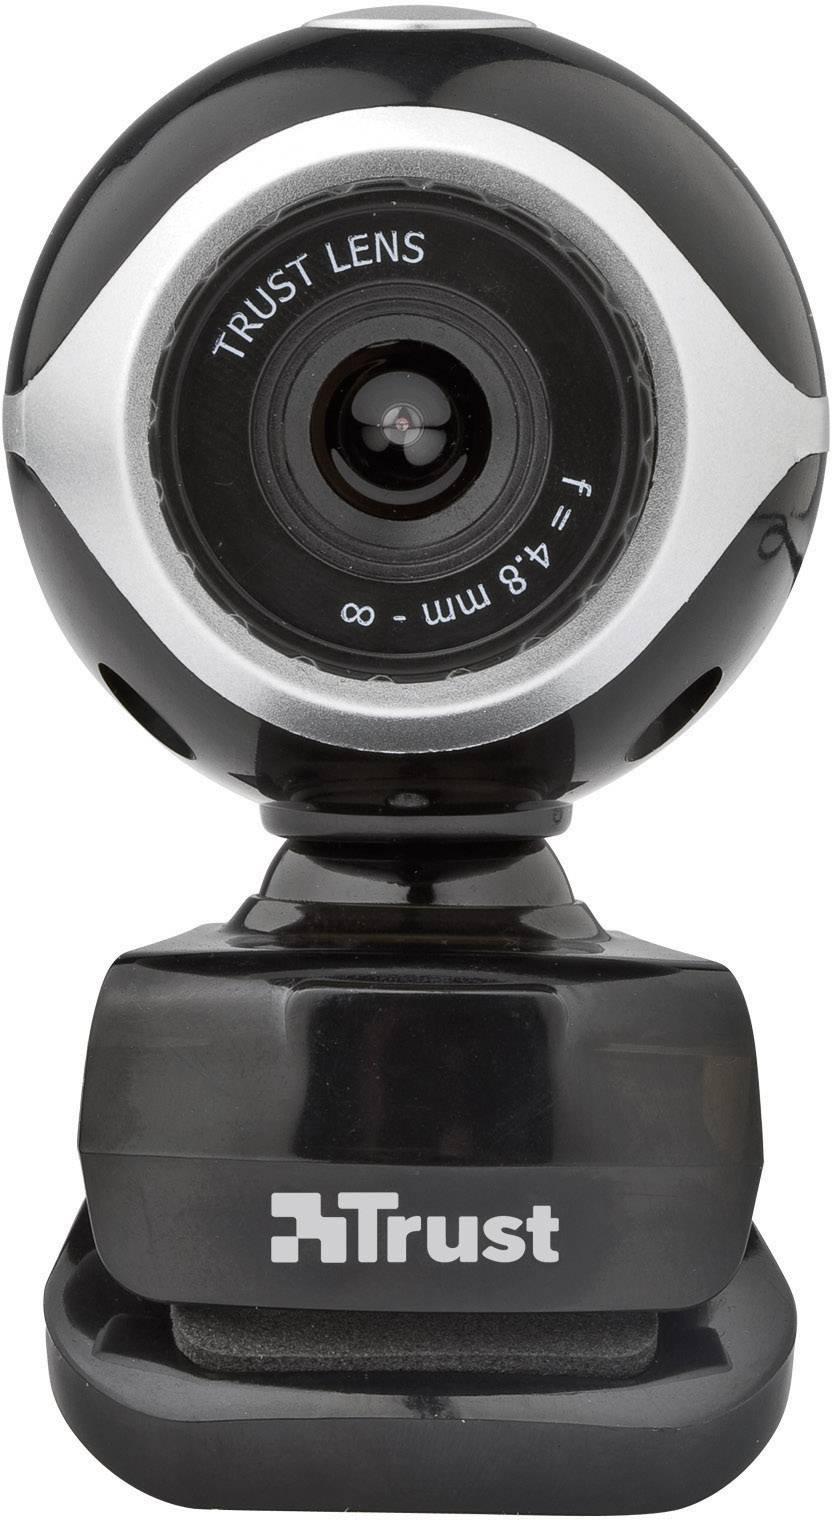 Webkamera Trust Exis Chatpack